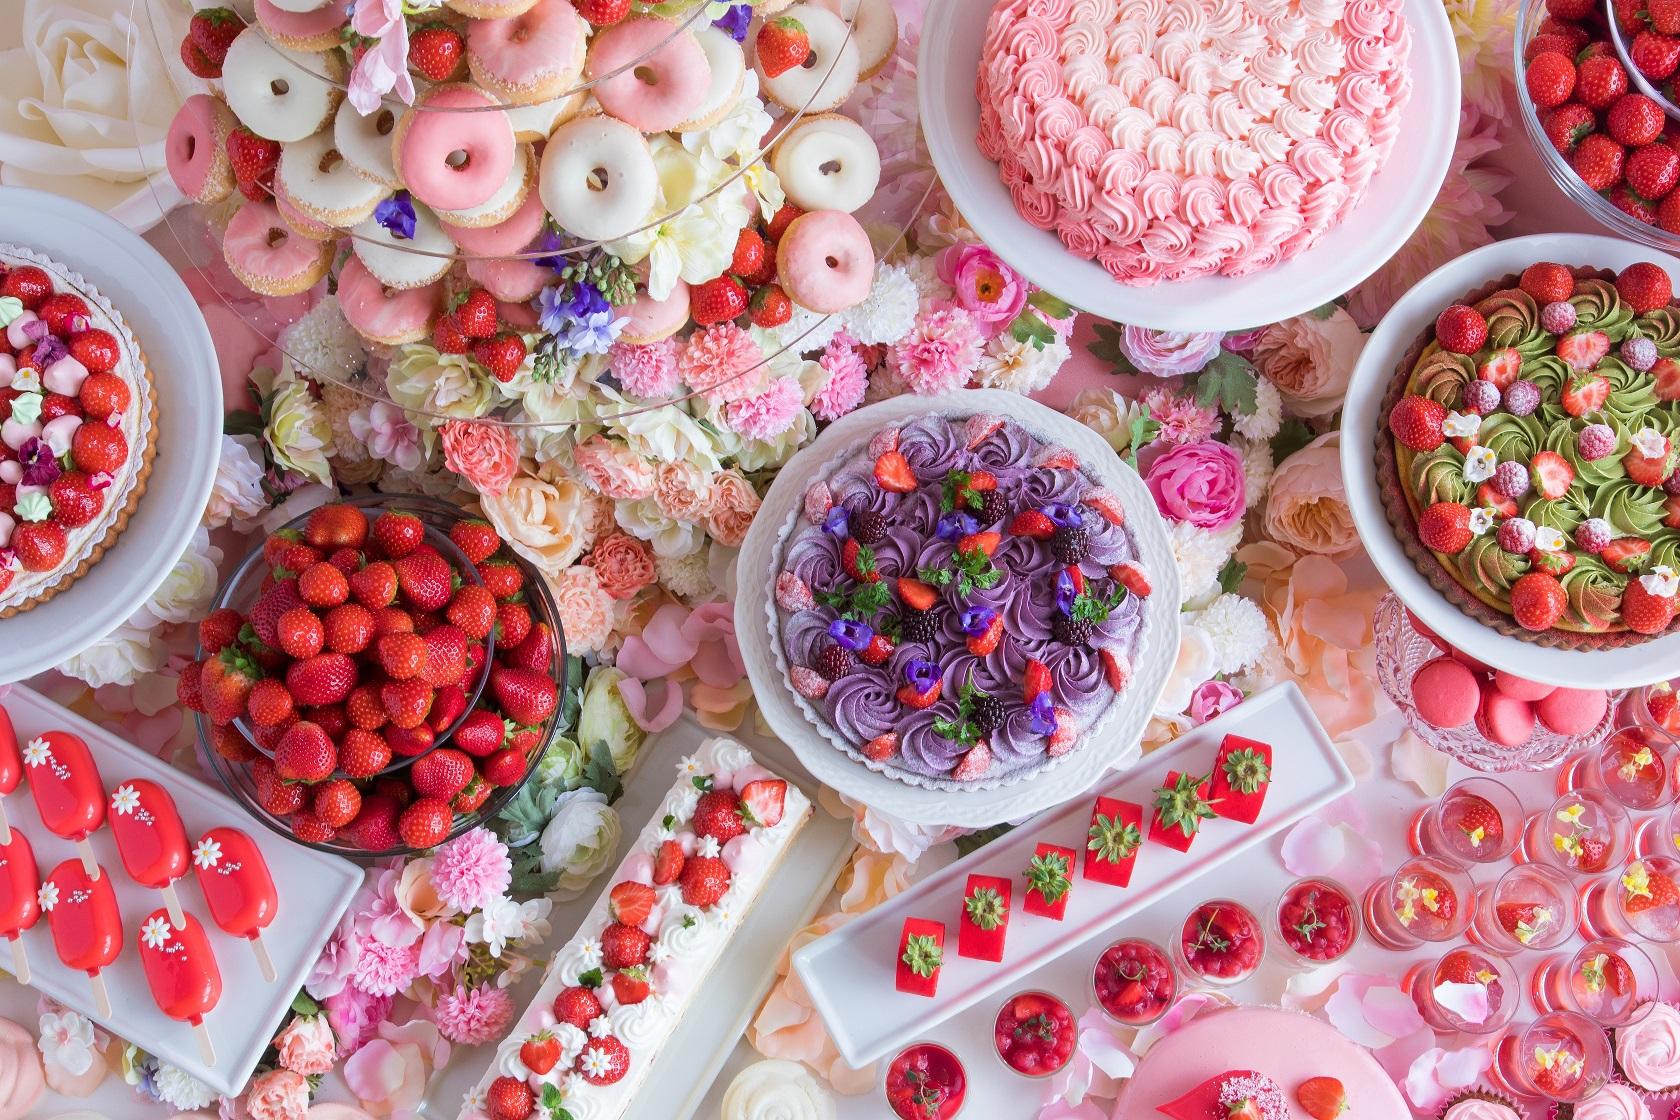 桜スイーツ特集《2019年版》- 限定グルメやスタバの新作、お花見グルメも!_15